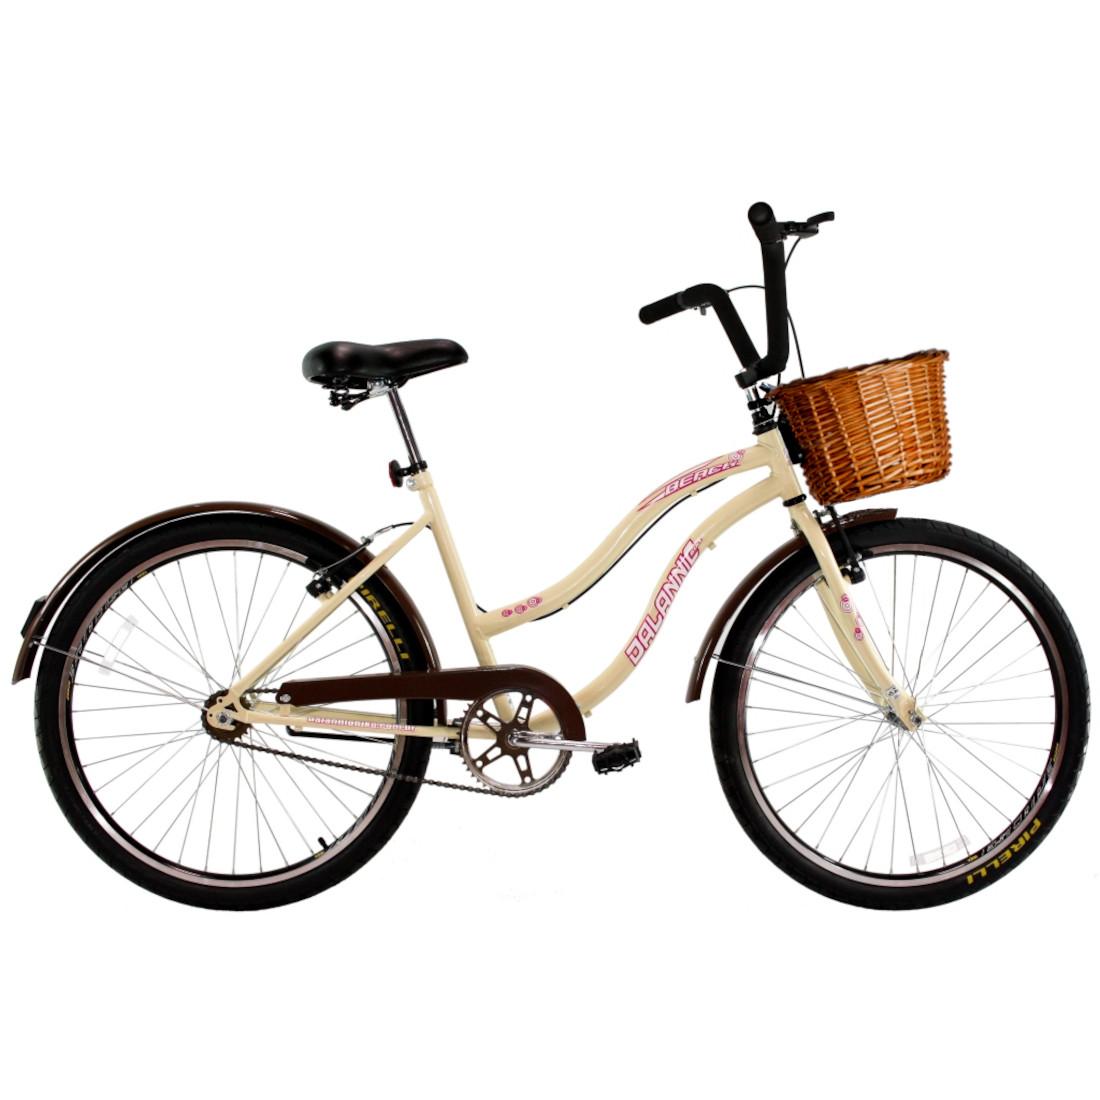 Bicicleta Retro Vintage Aro 26 Feminina Beach Bege com Cestinha